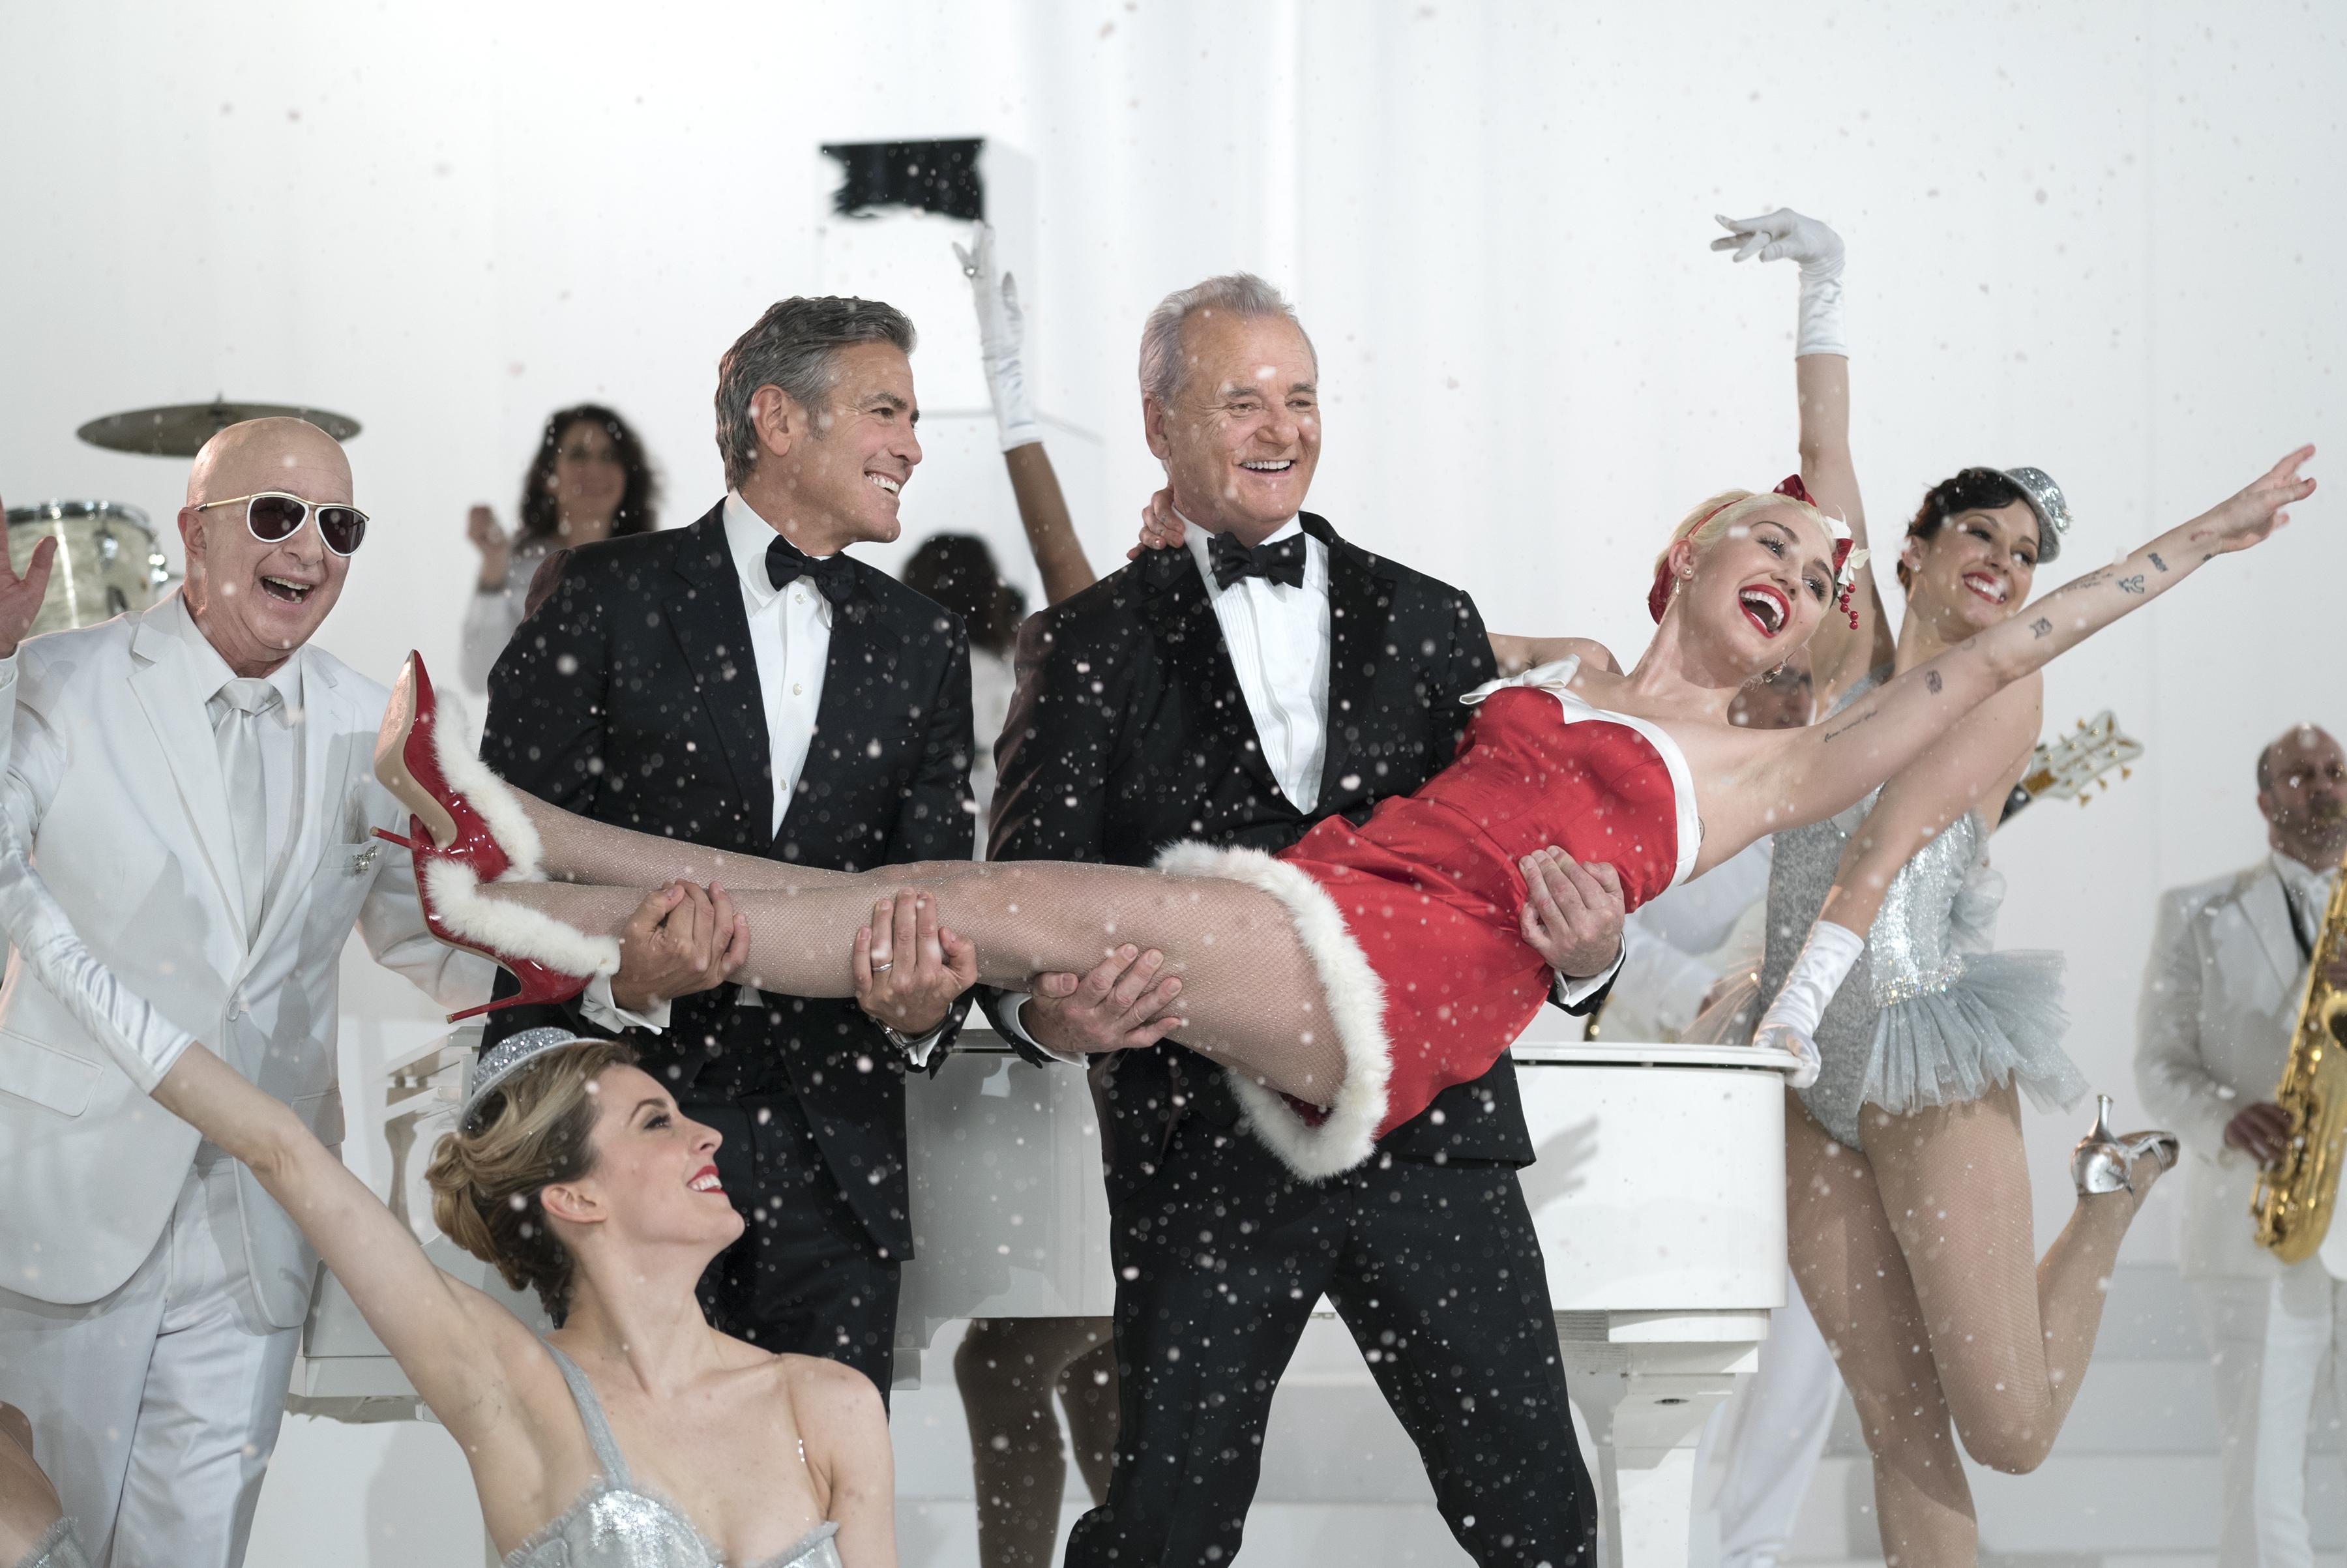 Murray tillsammans med Clooney och Cyrus. Foto: Netflix